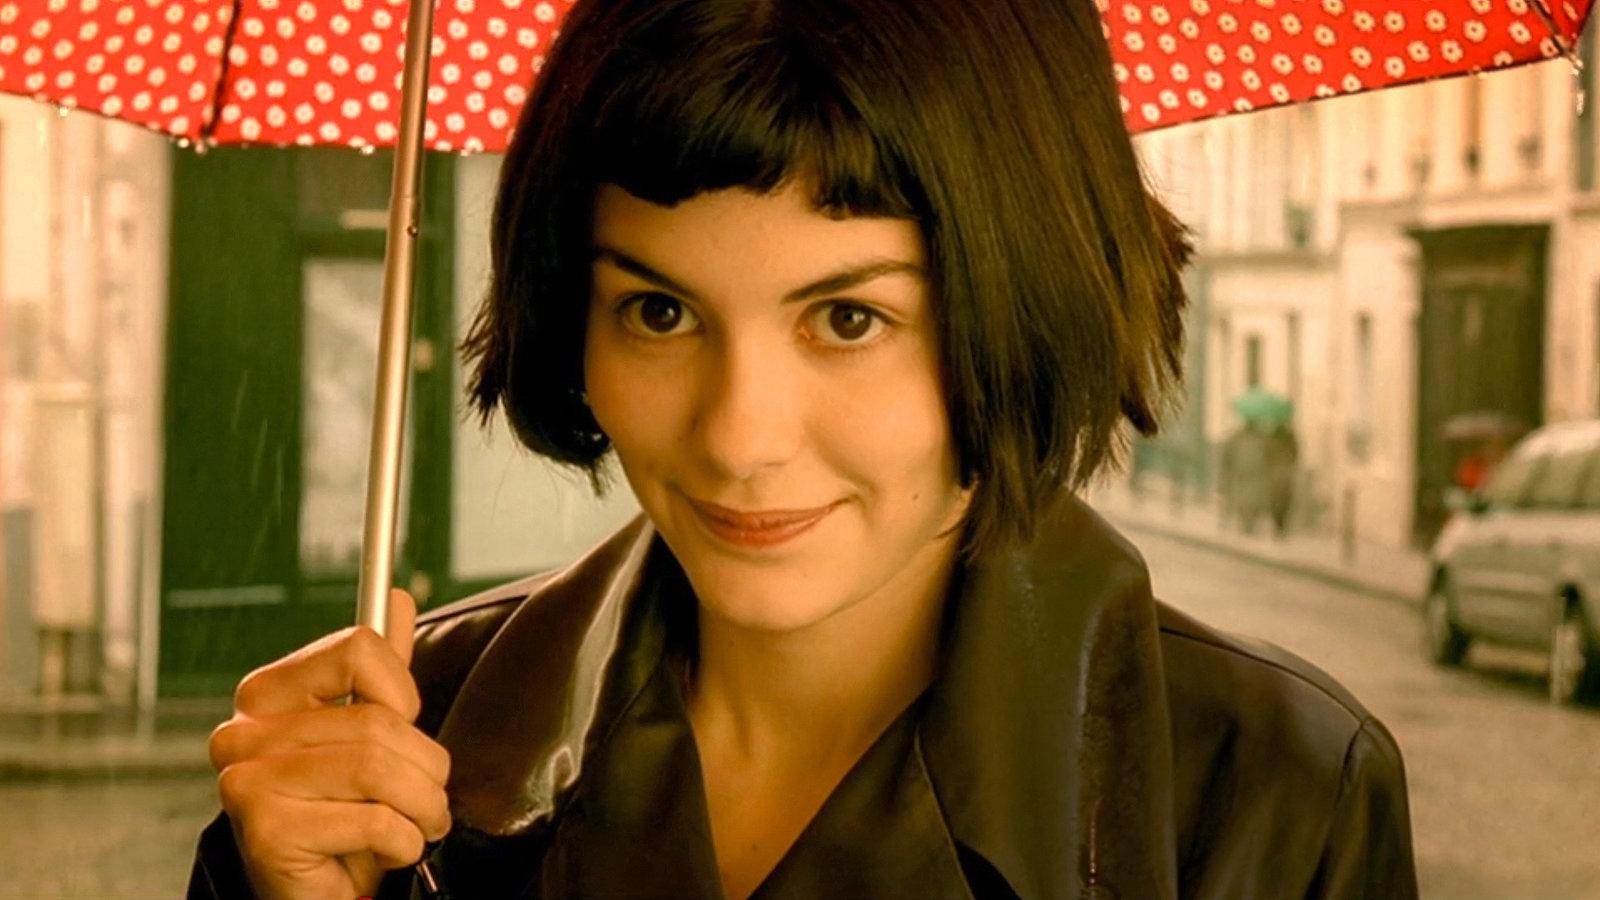 Audrey Tautou, Amelie bob